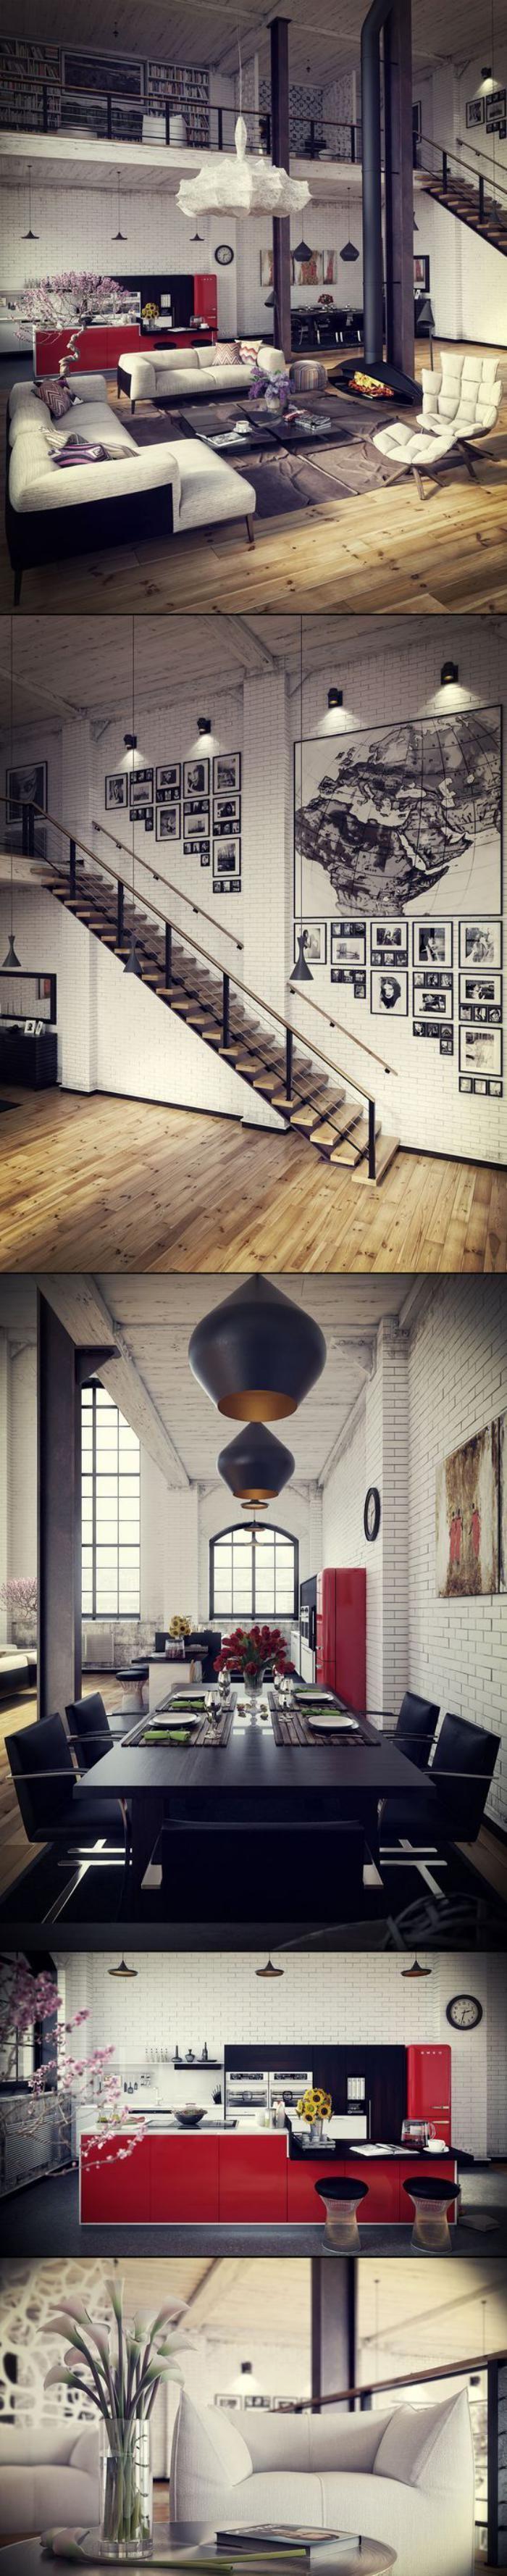 escalier modulaire, dans un loft contemporain original